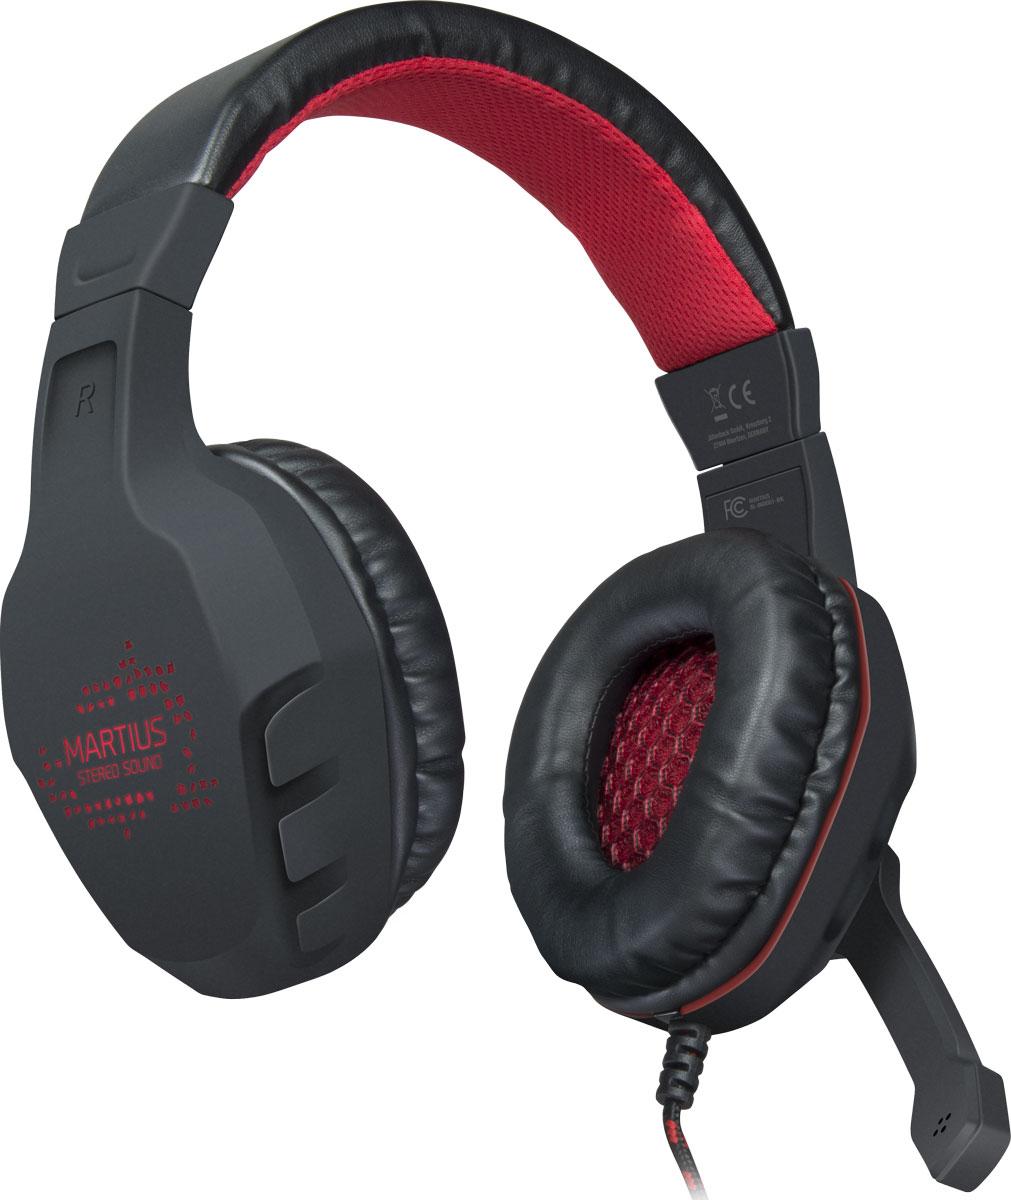 Speedlink Martius, Black игровые наушникиSL-860001-BKЧтобы почувствовать настоящий драйв в энергичных играх, нужен идеальный звук с интенсивными басами. С этой задачей на все сто справится игровая стерео гарнитура Speedlink Martius. Поворотный микрофон игровой гарнитуры обеспечивает кристально чистую связь с вашими друзьями по команде. Регулировать звук и отключать микрофон можно быстро и удобно с помощью пульта управления, расположенного прямо на проводе гарнитуры. Если же вы любите играть в темноте, то Speedlink Martius порадует вас красной светодиодной подсветкой, которая придает гарнитуре впечатляющий вид.